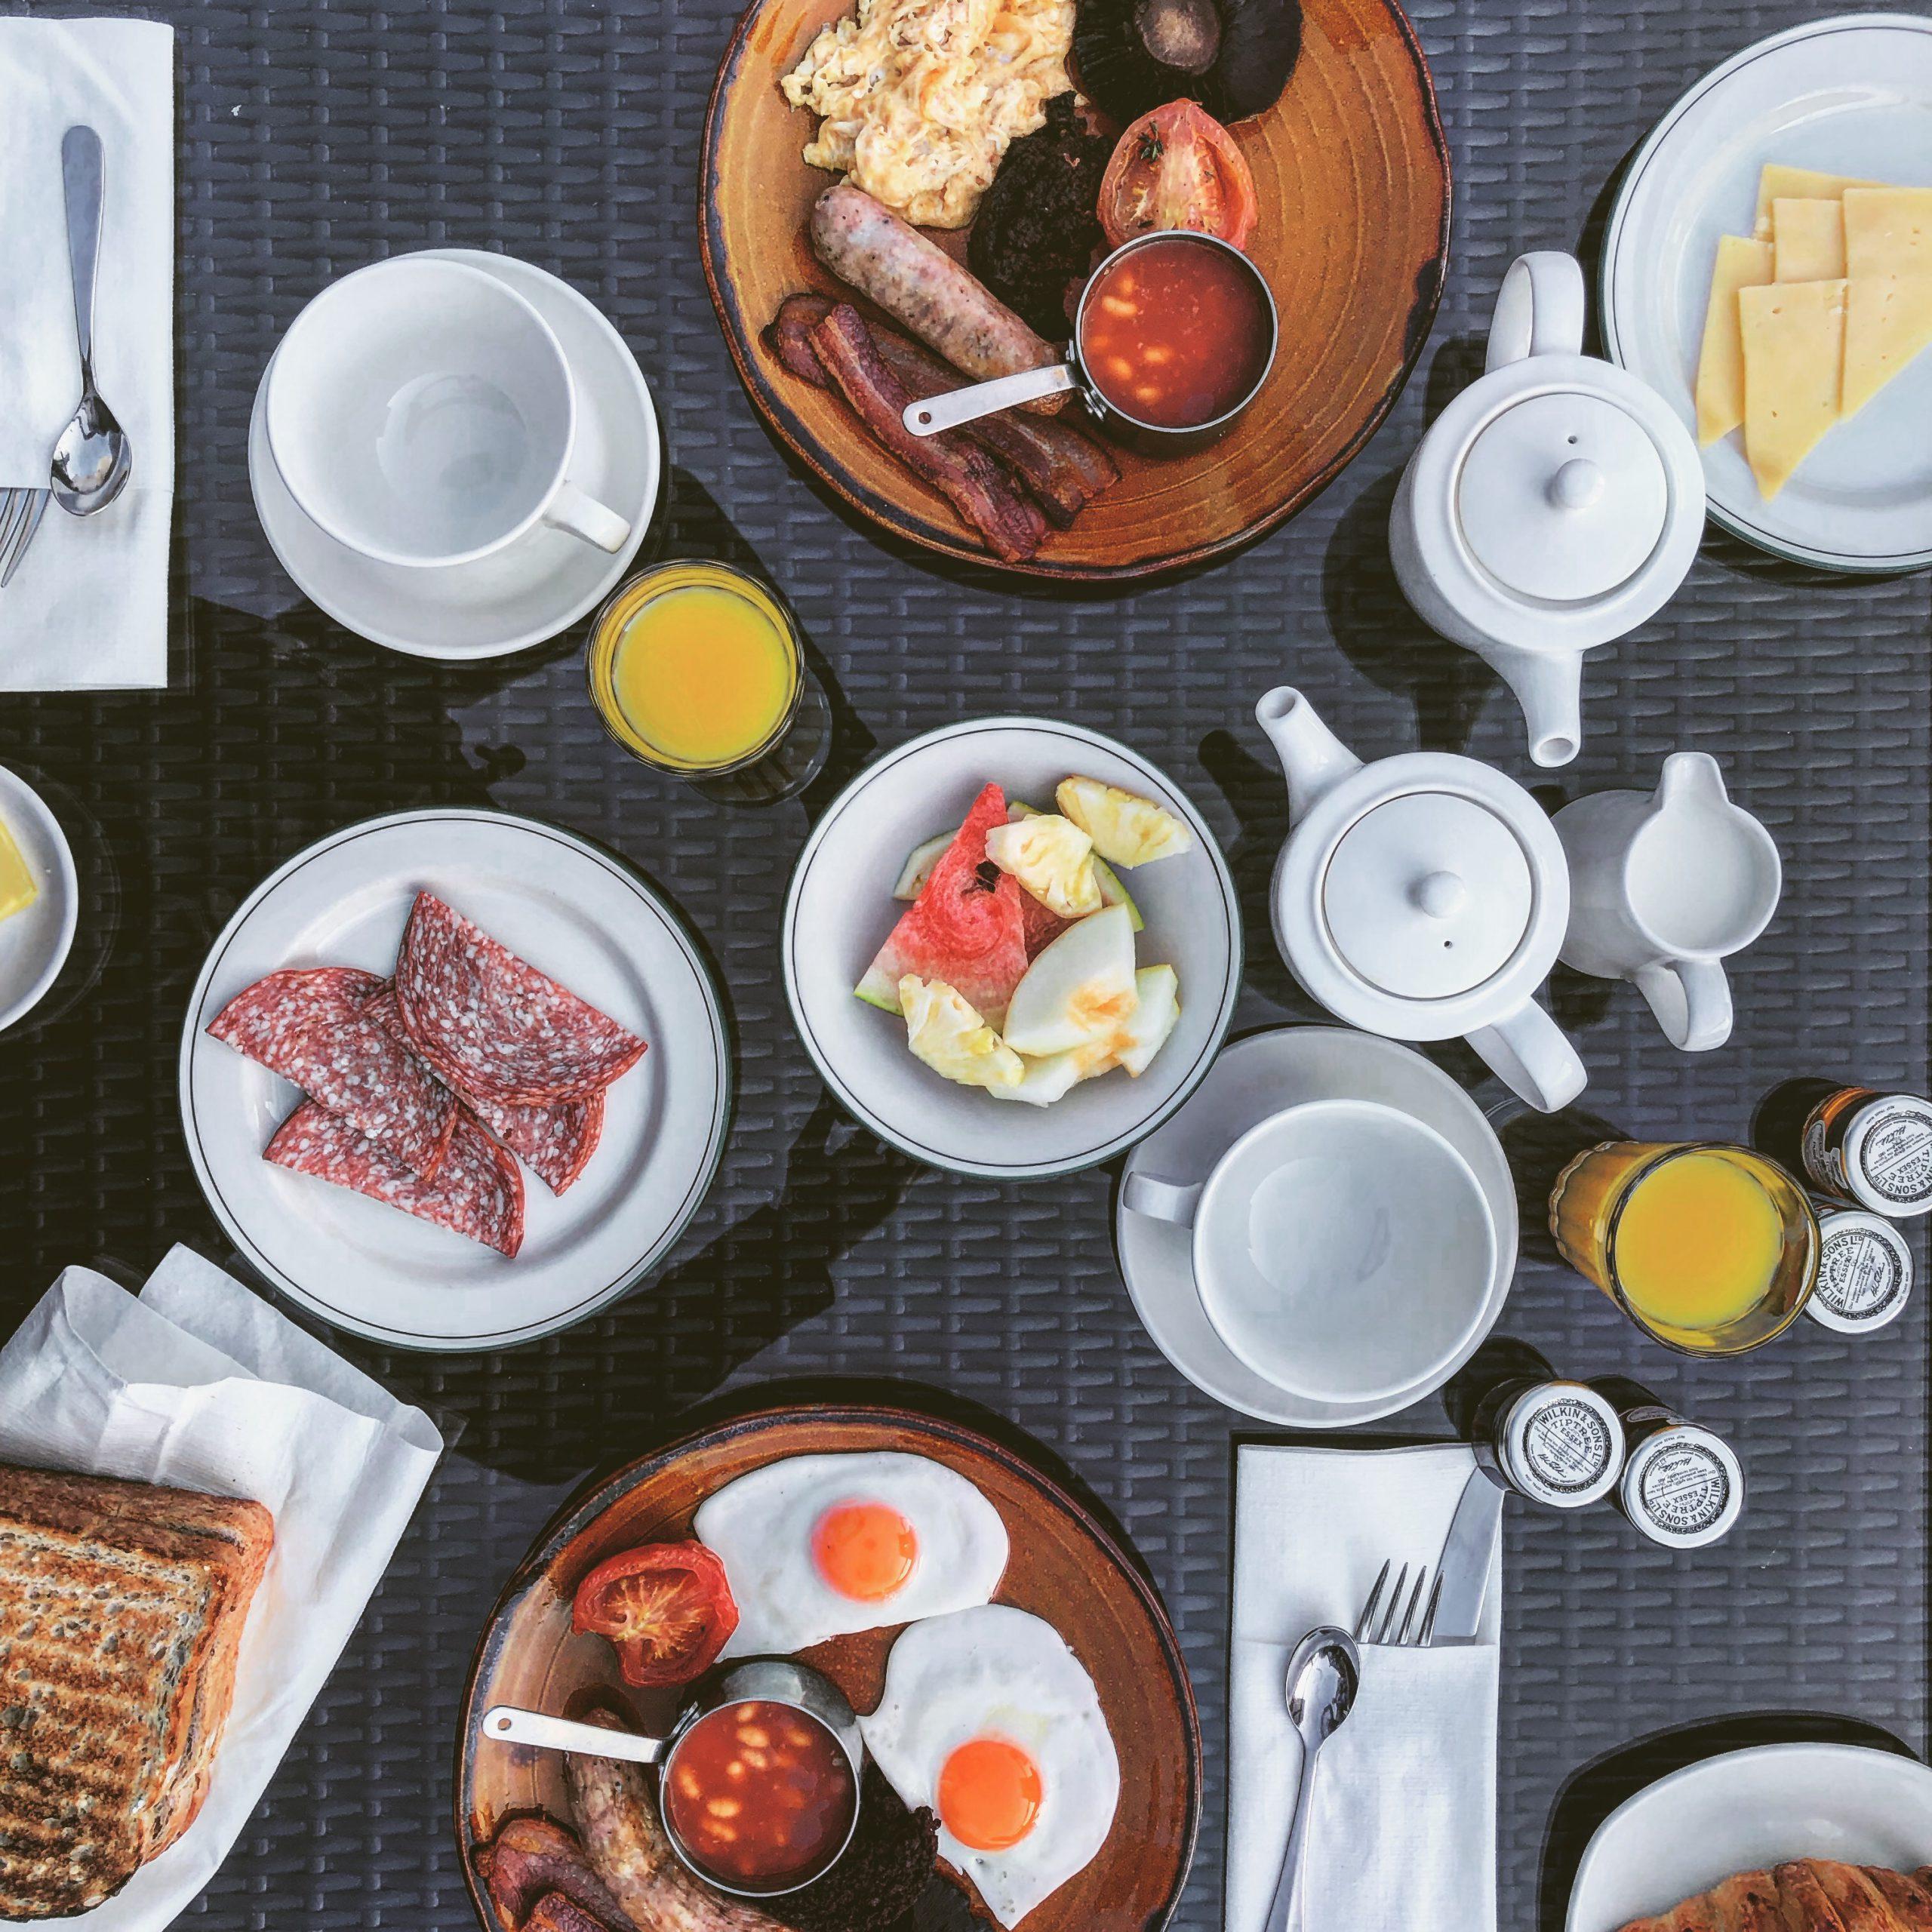 Typisch Britisch: Frühstück mit Wurstebrei und Bohnen in Tomatensauce